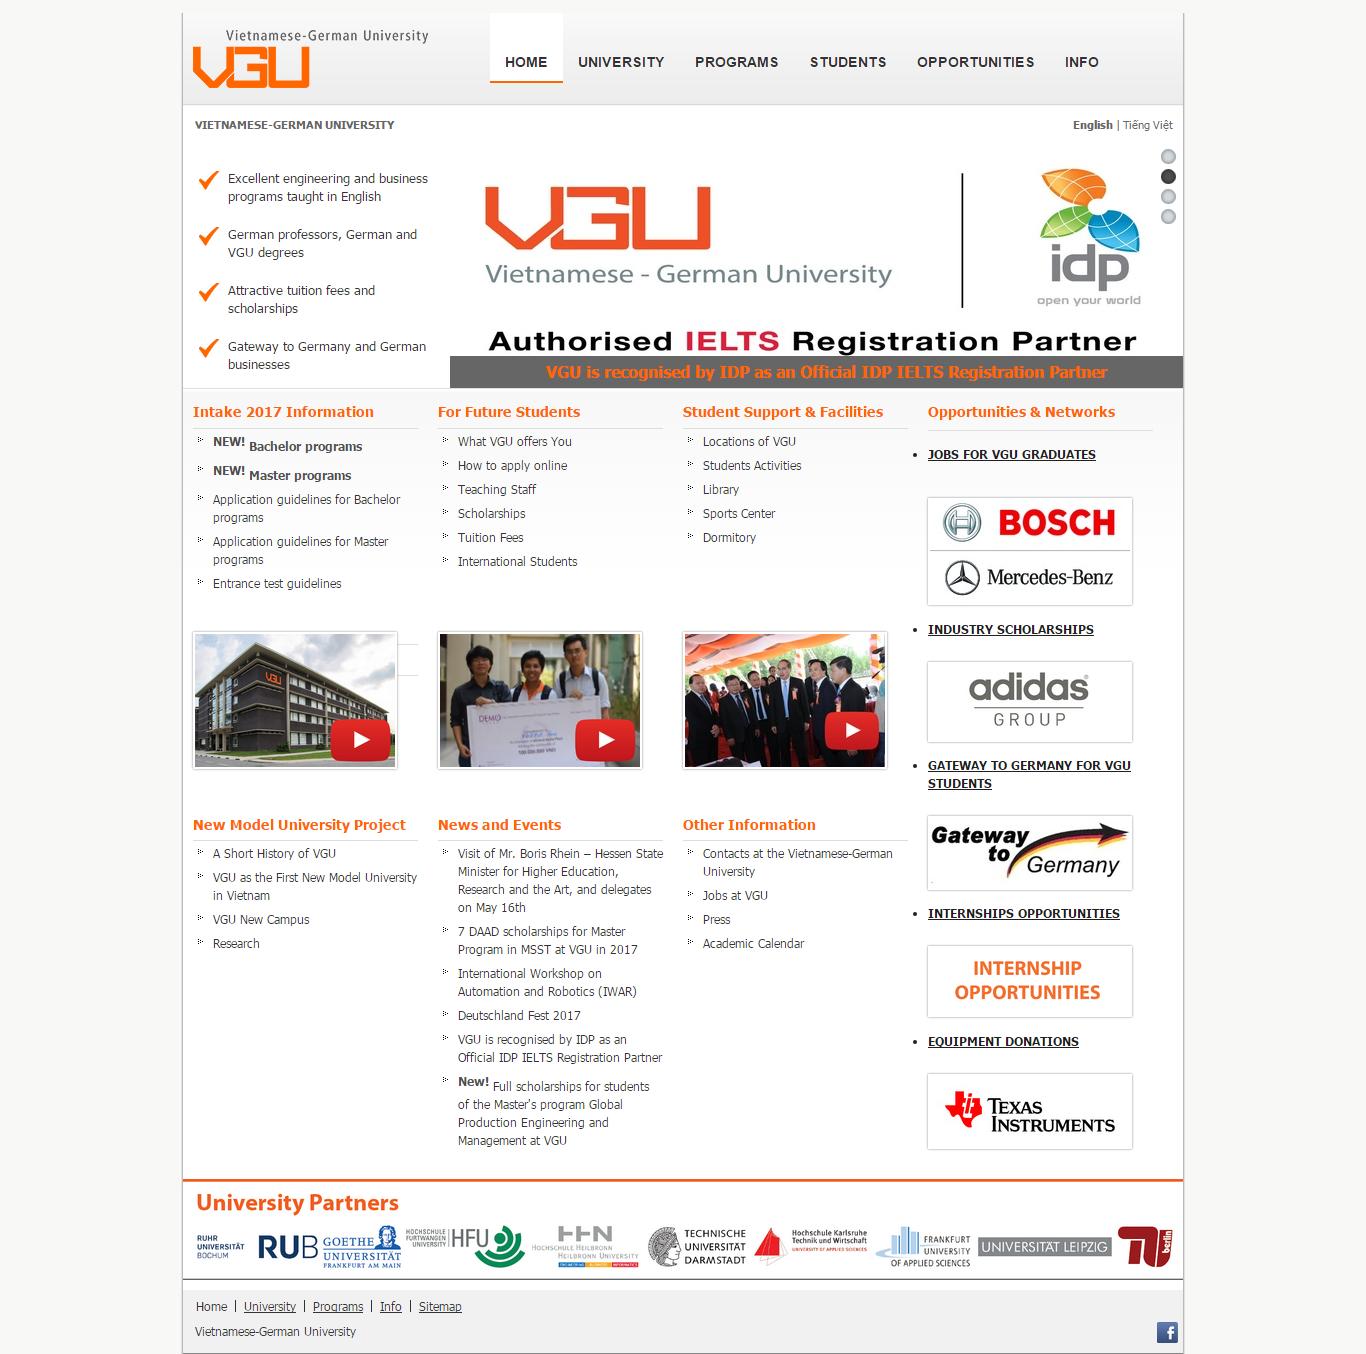 Thiết kế website Vgu đẹp, chuyên nghiệp chuẩn SEO